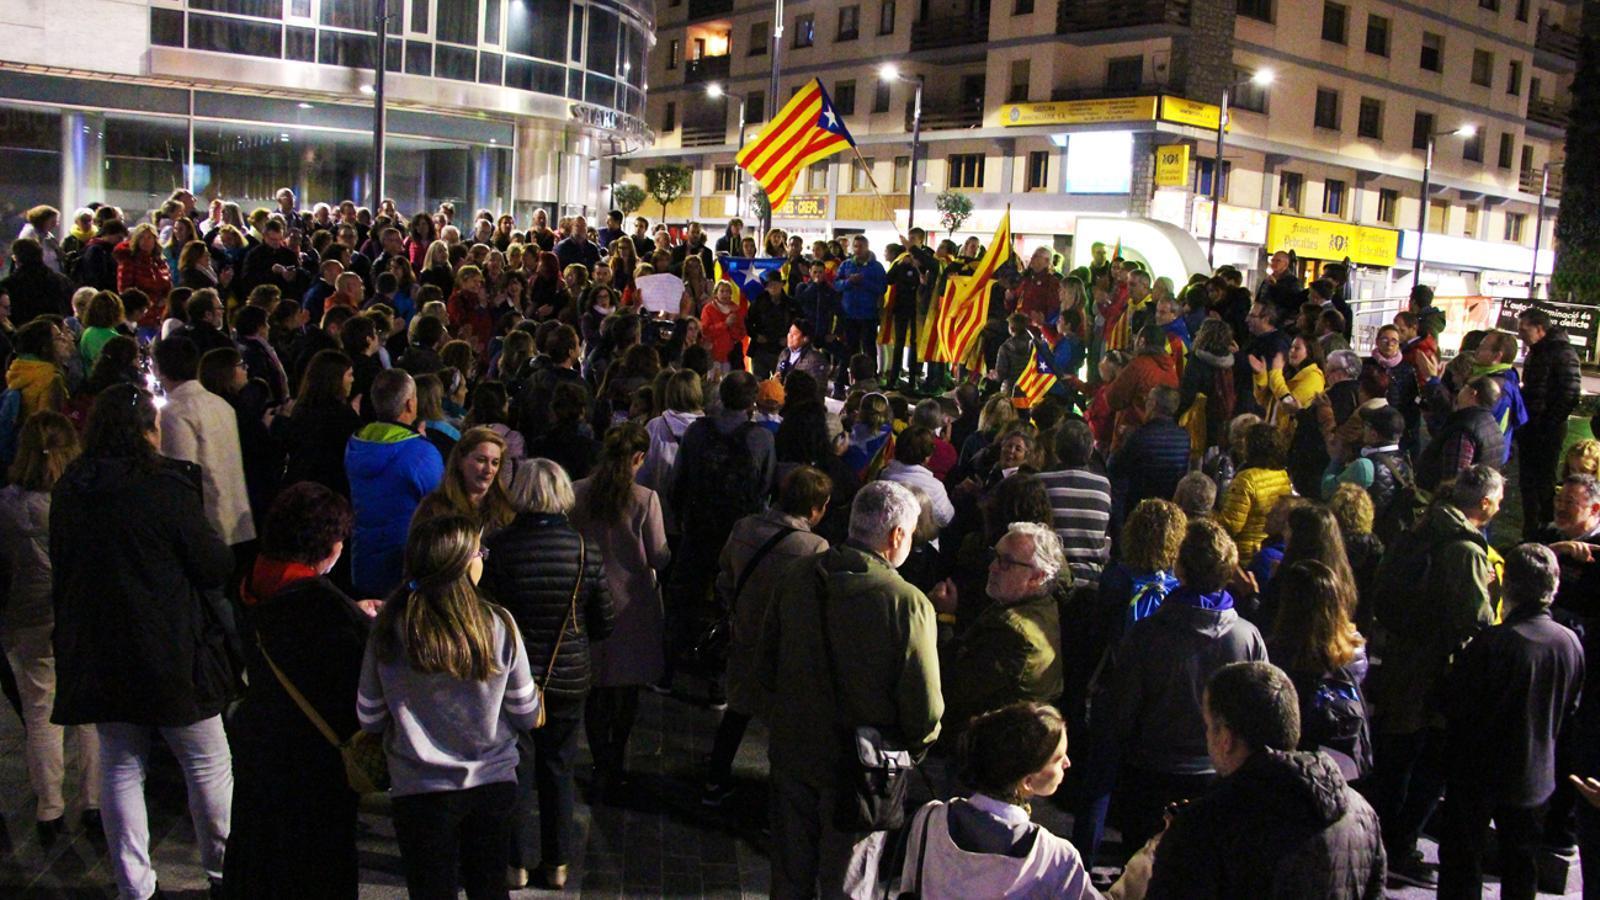 Concentració independentista en contra de la sentència del procés al centre d'Andorra la Vella. / T. N.